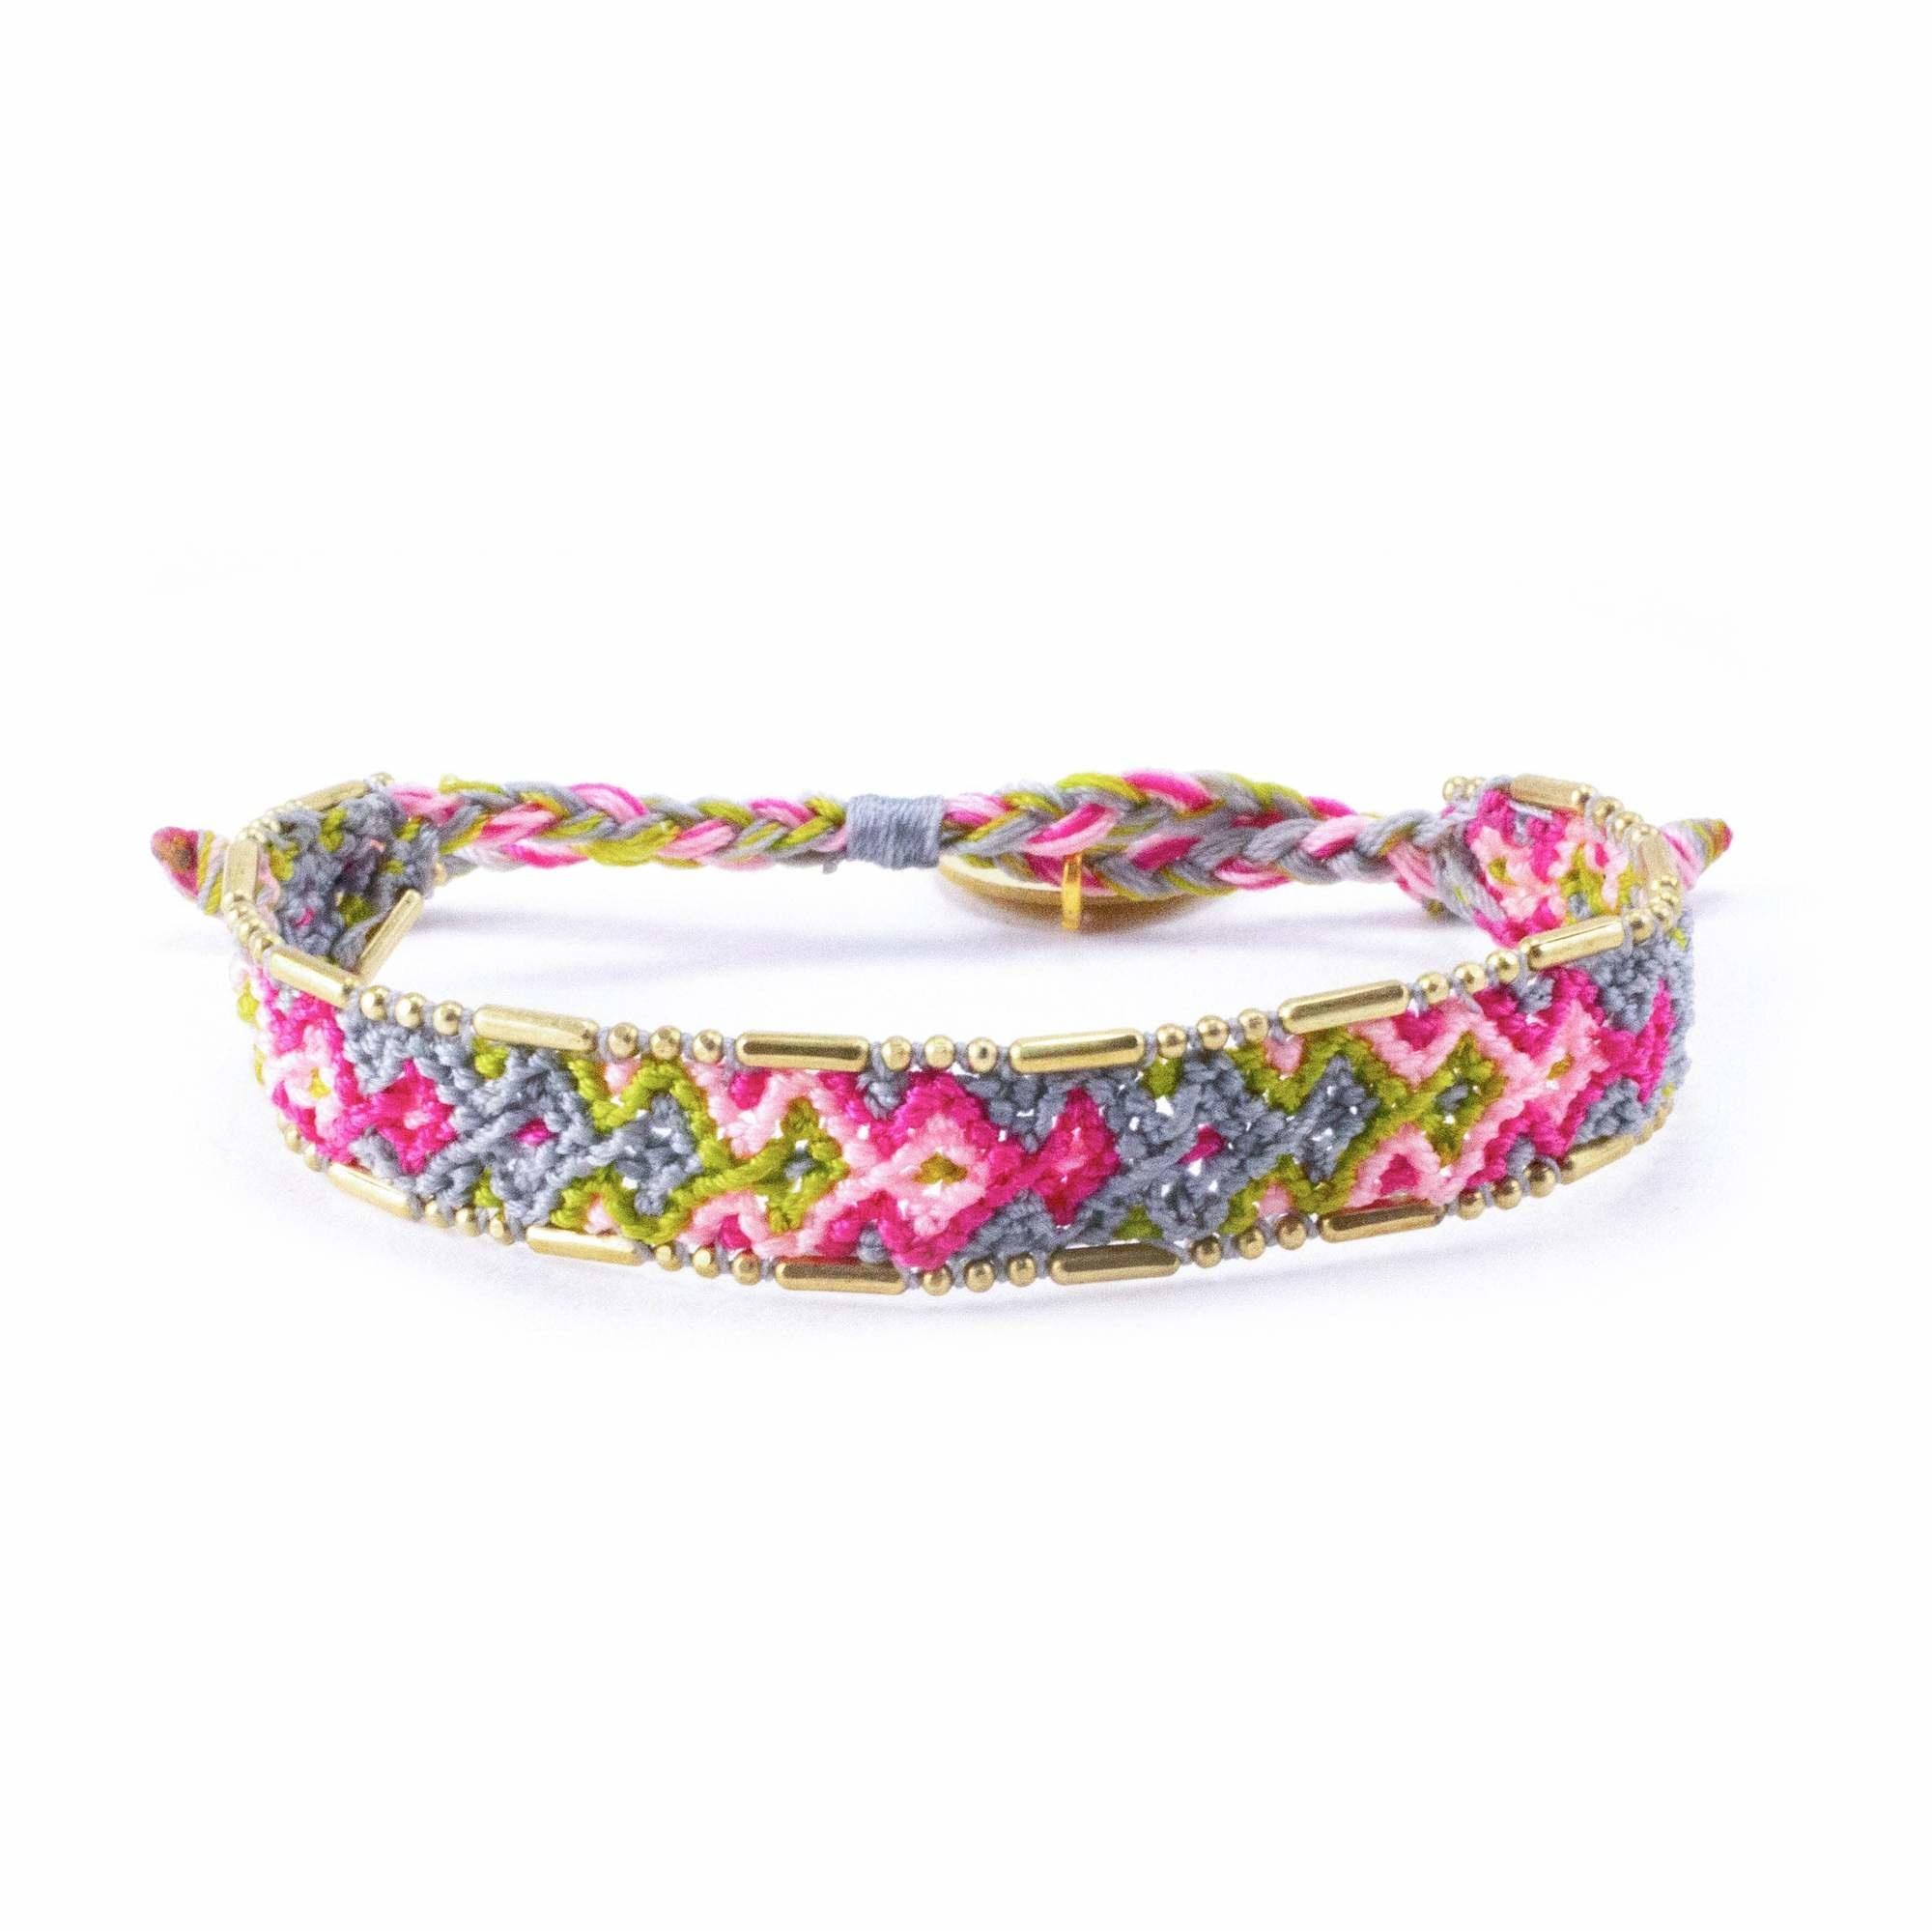 Love Project Bali Friendship Bracelet -  Bloom Garden